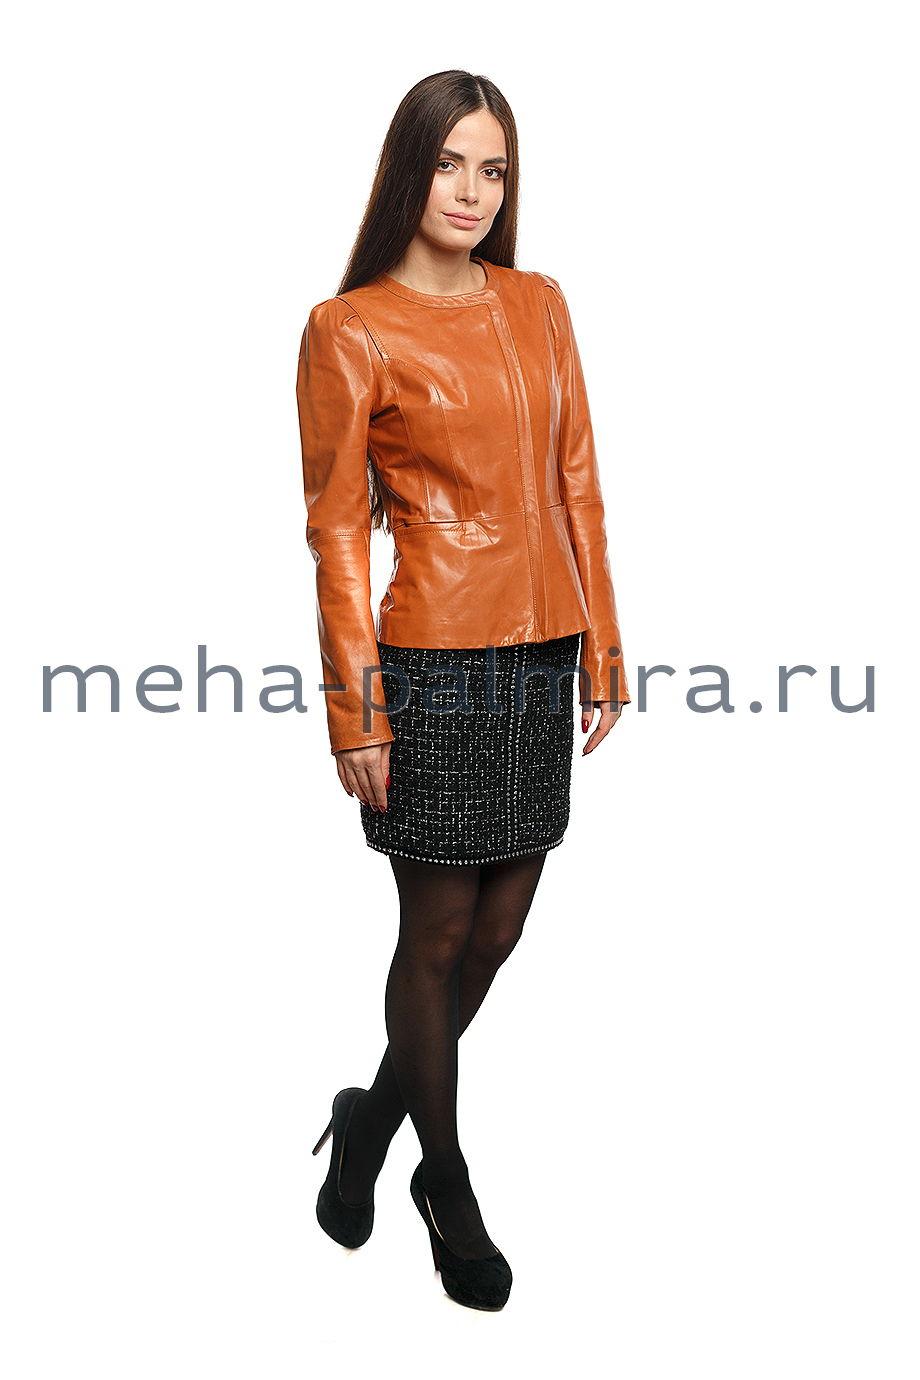 Куртка кожаная воротник шанель, рыжего цвета